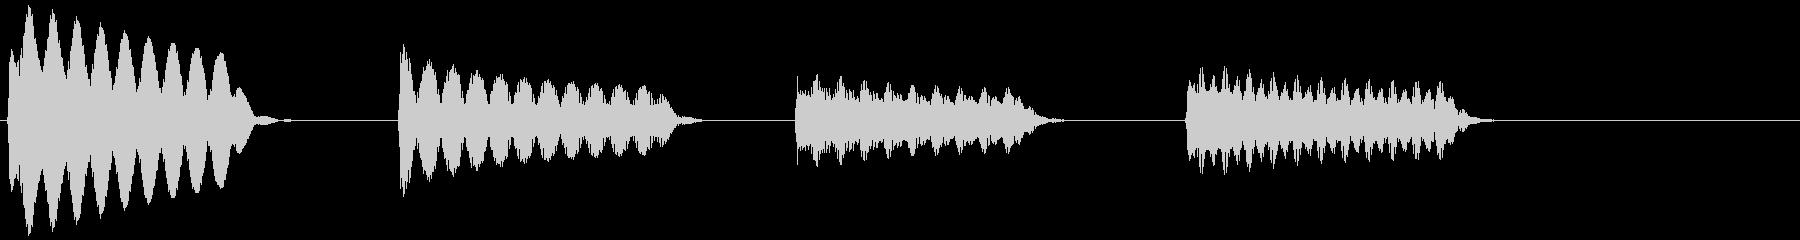 ピピピピッ(目覚まし時計のアラーム音)の未再生の波形